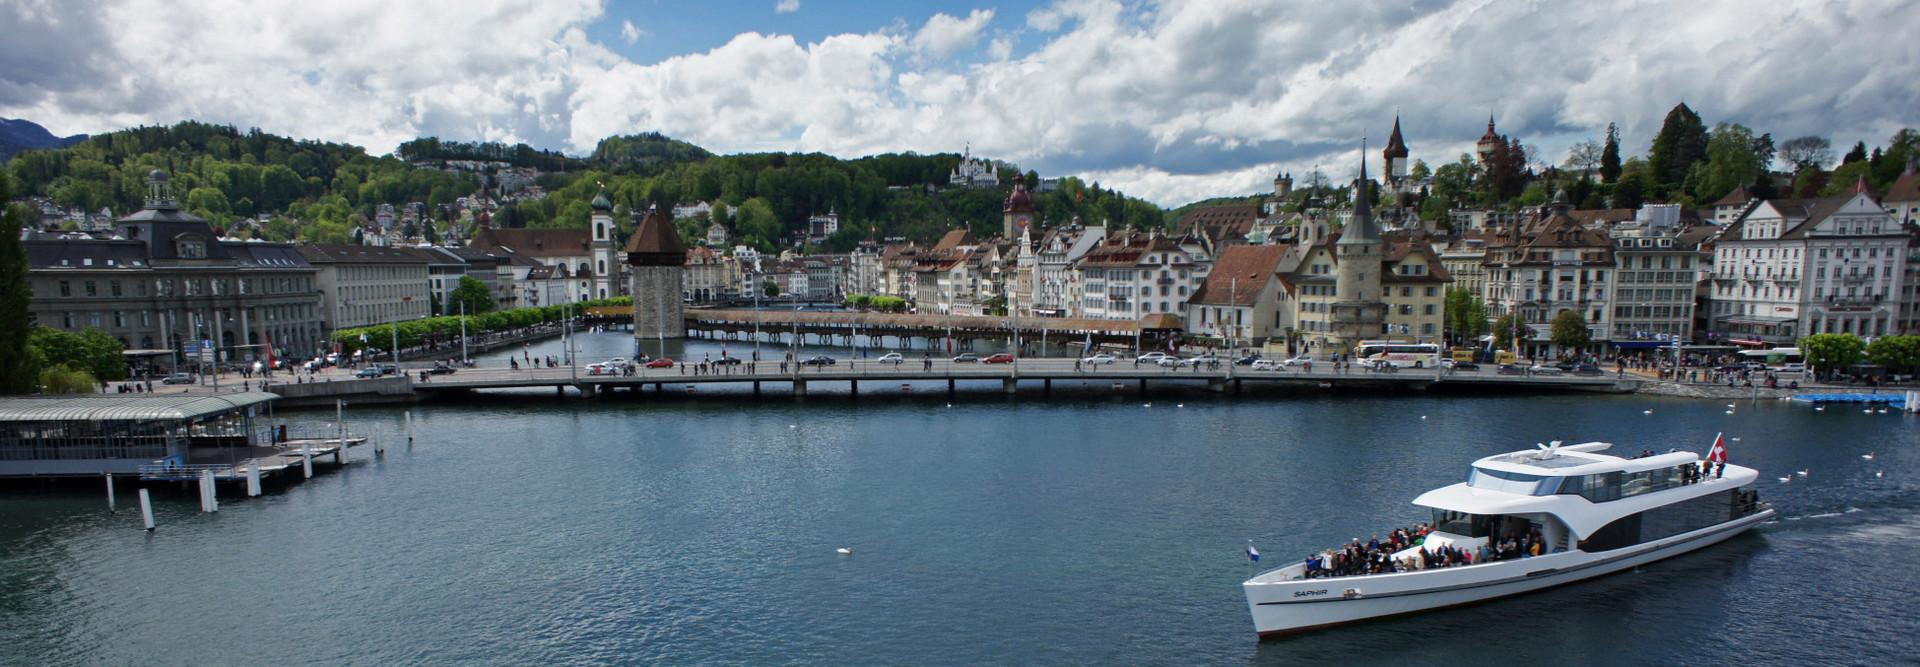 Panorama-Yacht Saphir im Luzerner Seebecken.